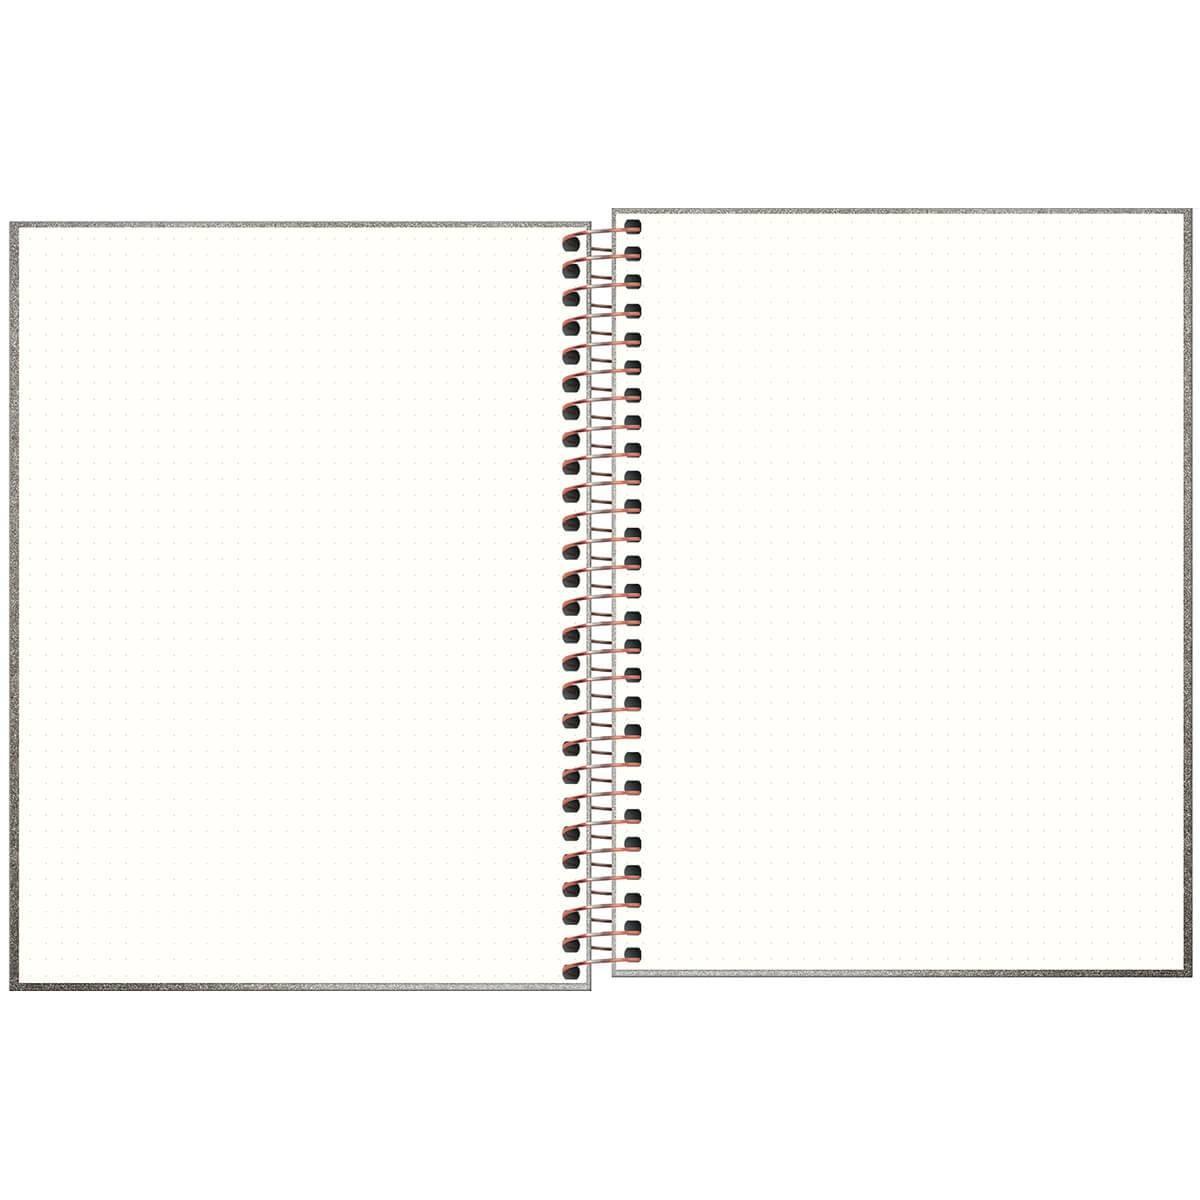 Caderno Executivo Pontilhado Espiral Capa Dura Colegial Cambridge Shine 80 Fls - Tilibra